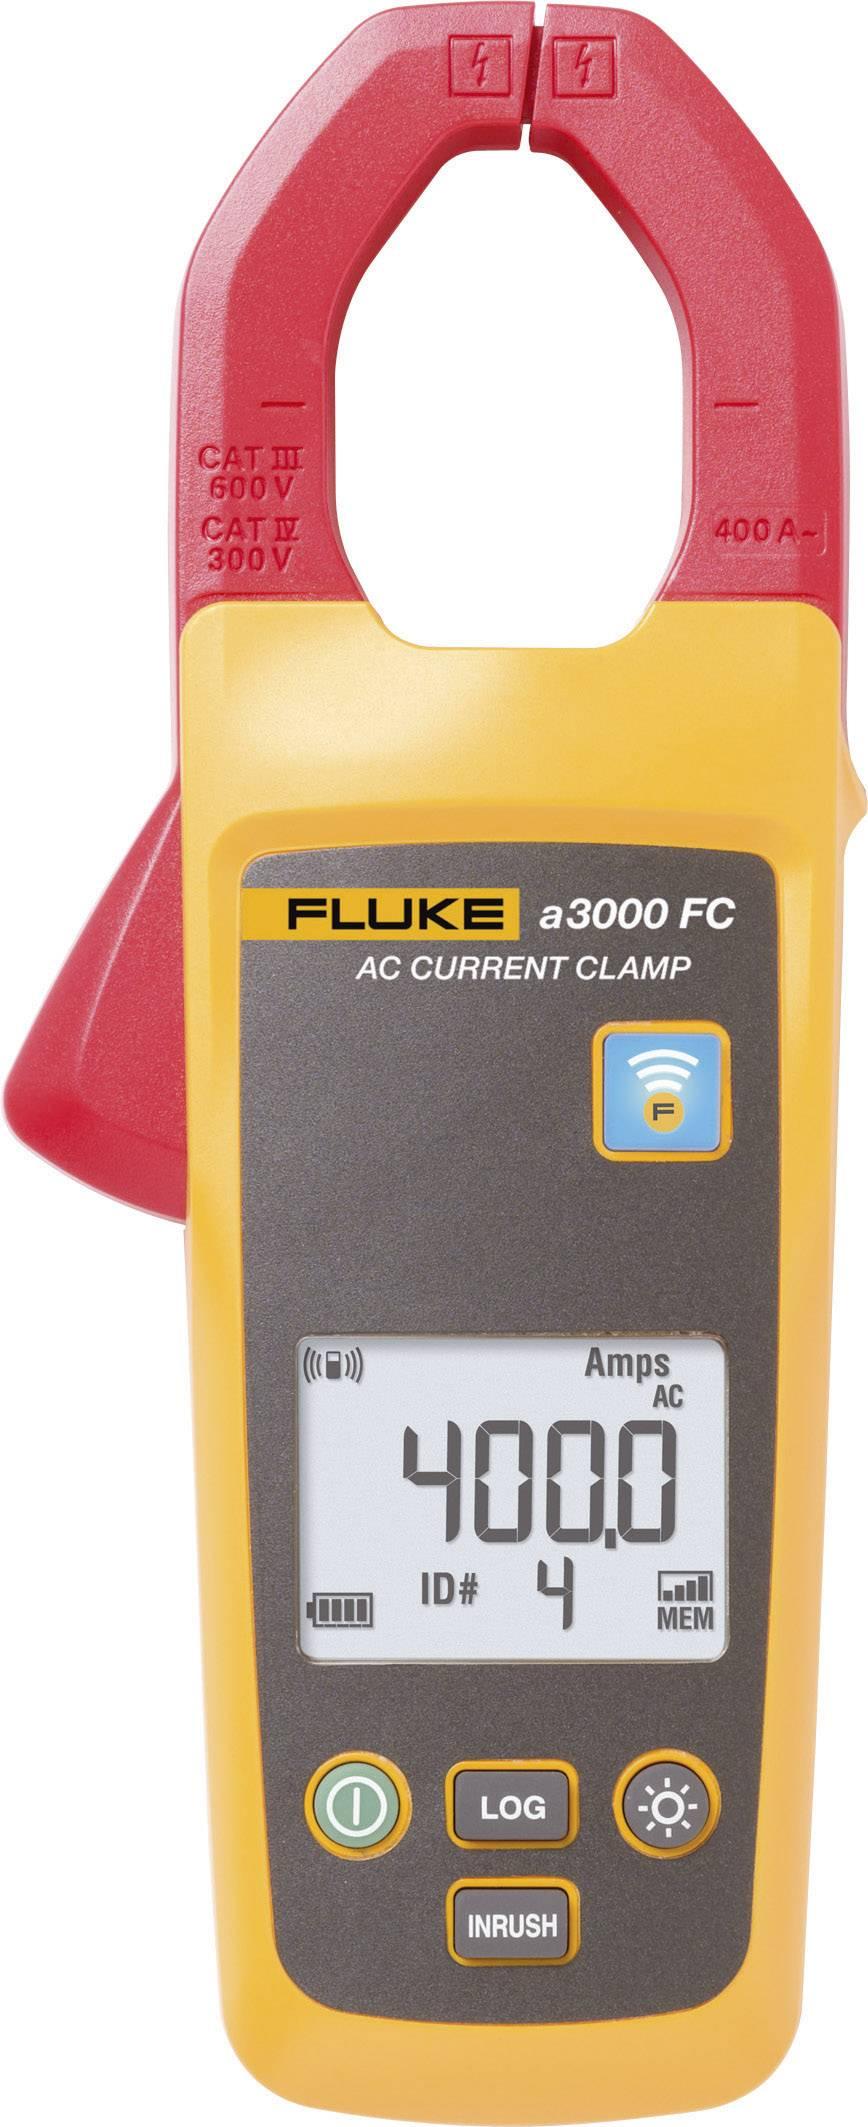 Modul bezdrátového klešťového ampérmetru Fluke FLK-a3000 FC, Fluke Connect, 4401588